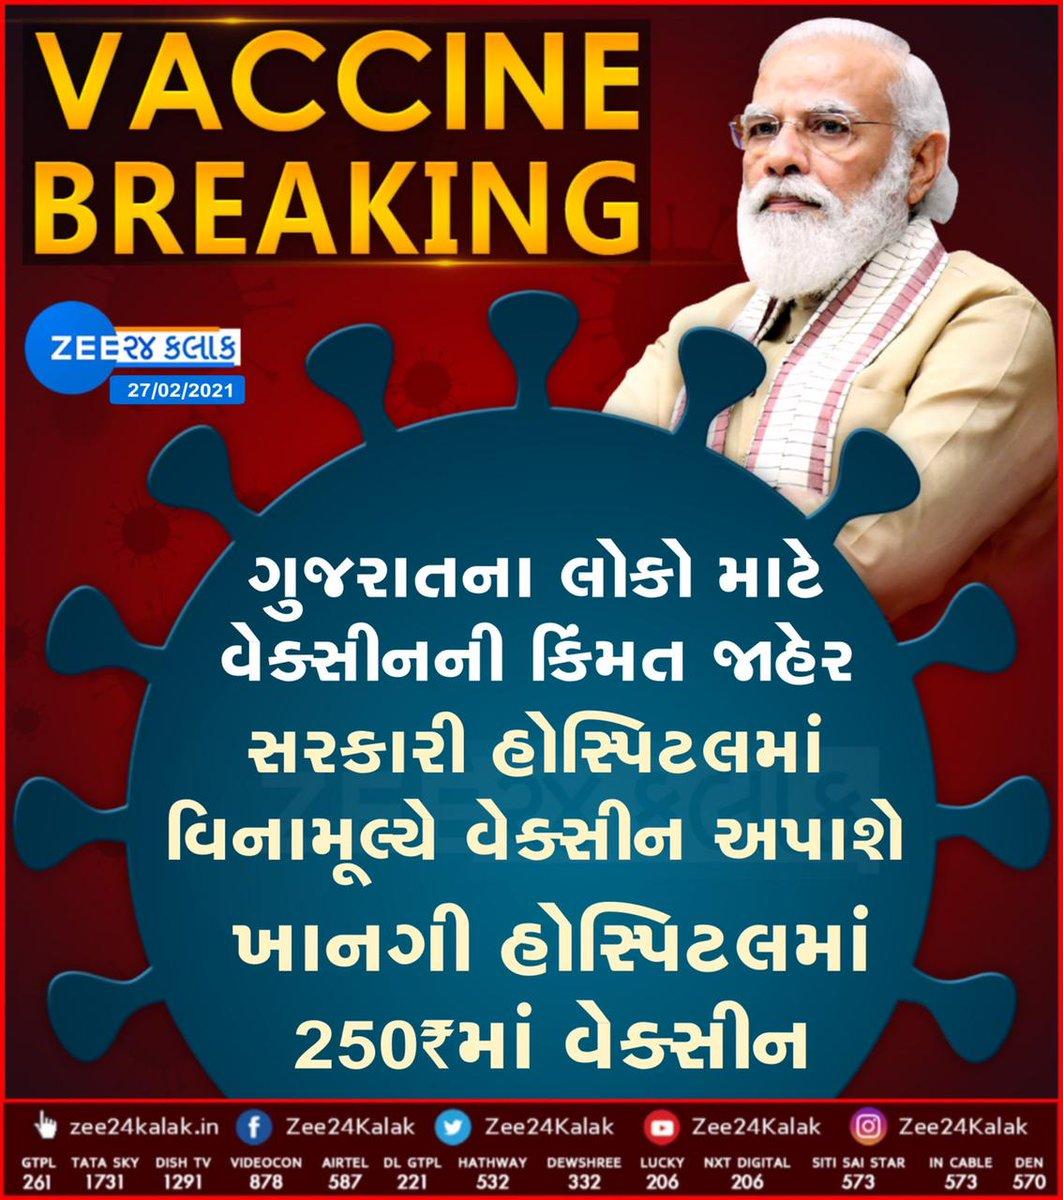 #Gujarat માં હવે સરકારી હોસ્પિટલમાં વિના મૂલ્યે મળશે કોરોનાની રસી જયારે ખાનગી હોસ્પિટલમાં 250 રૂ. રહેશે ચાર્જ ...  #coronavirus #COVID19 #CoronaVaccine   @Nitinbhai_Patel @vijayrupanibjp @MoHFW_GUJARAT